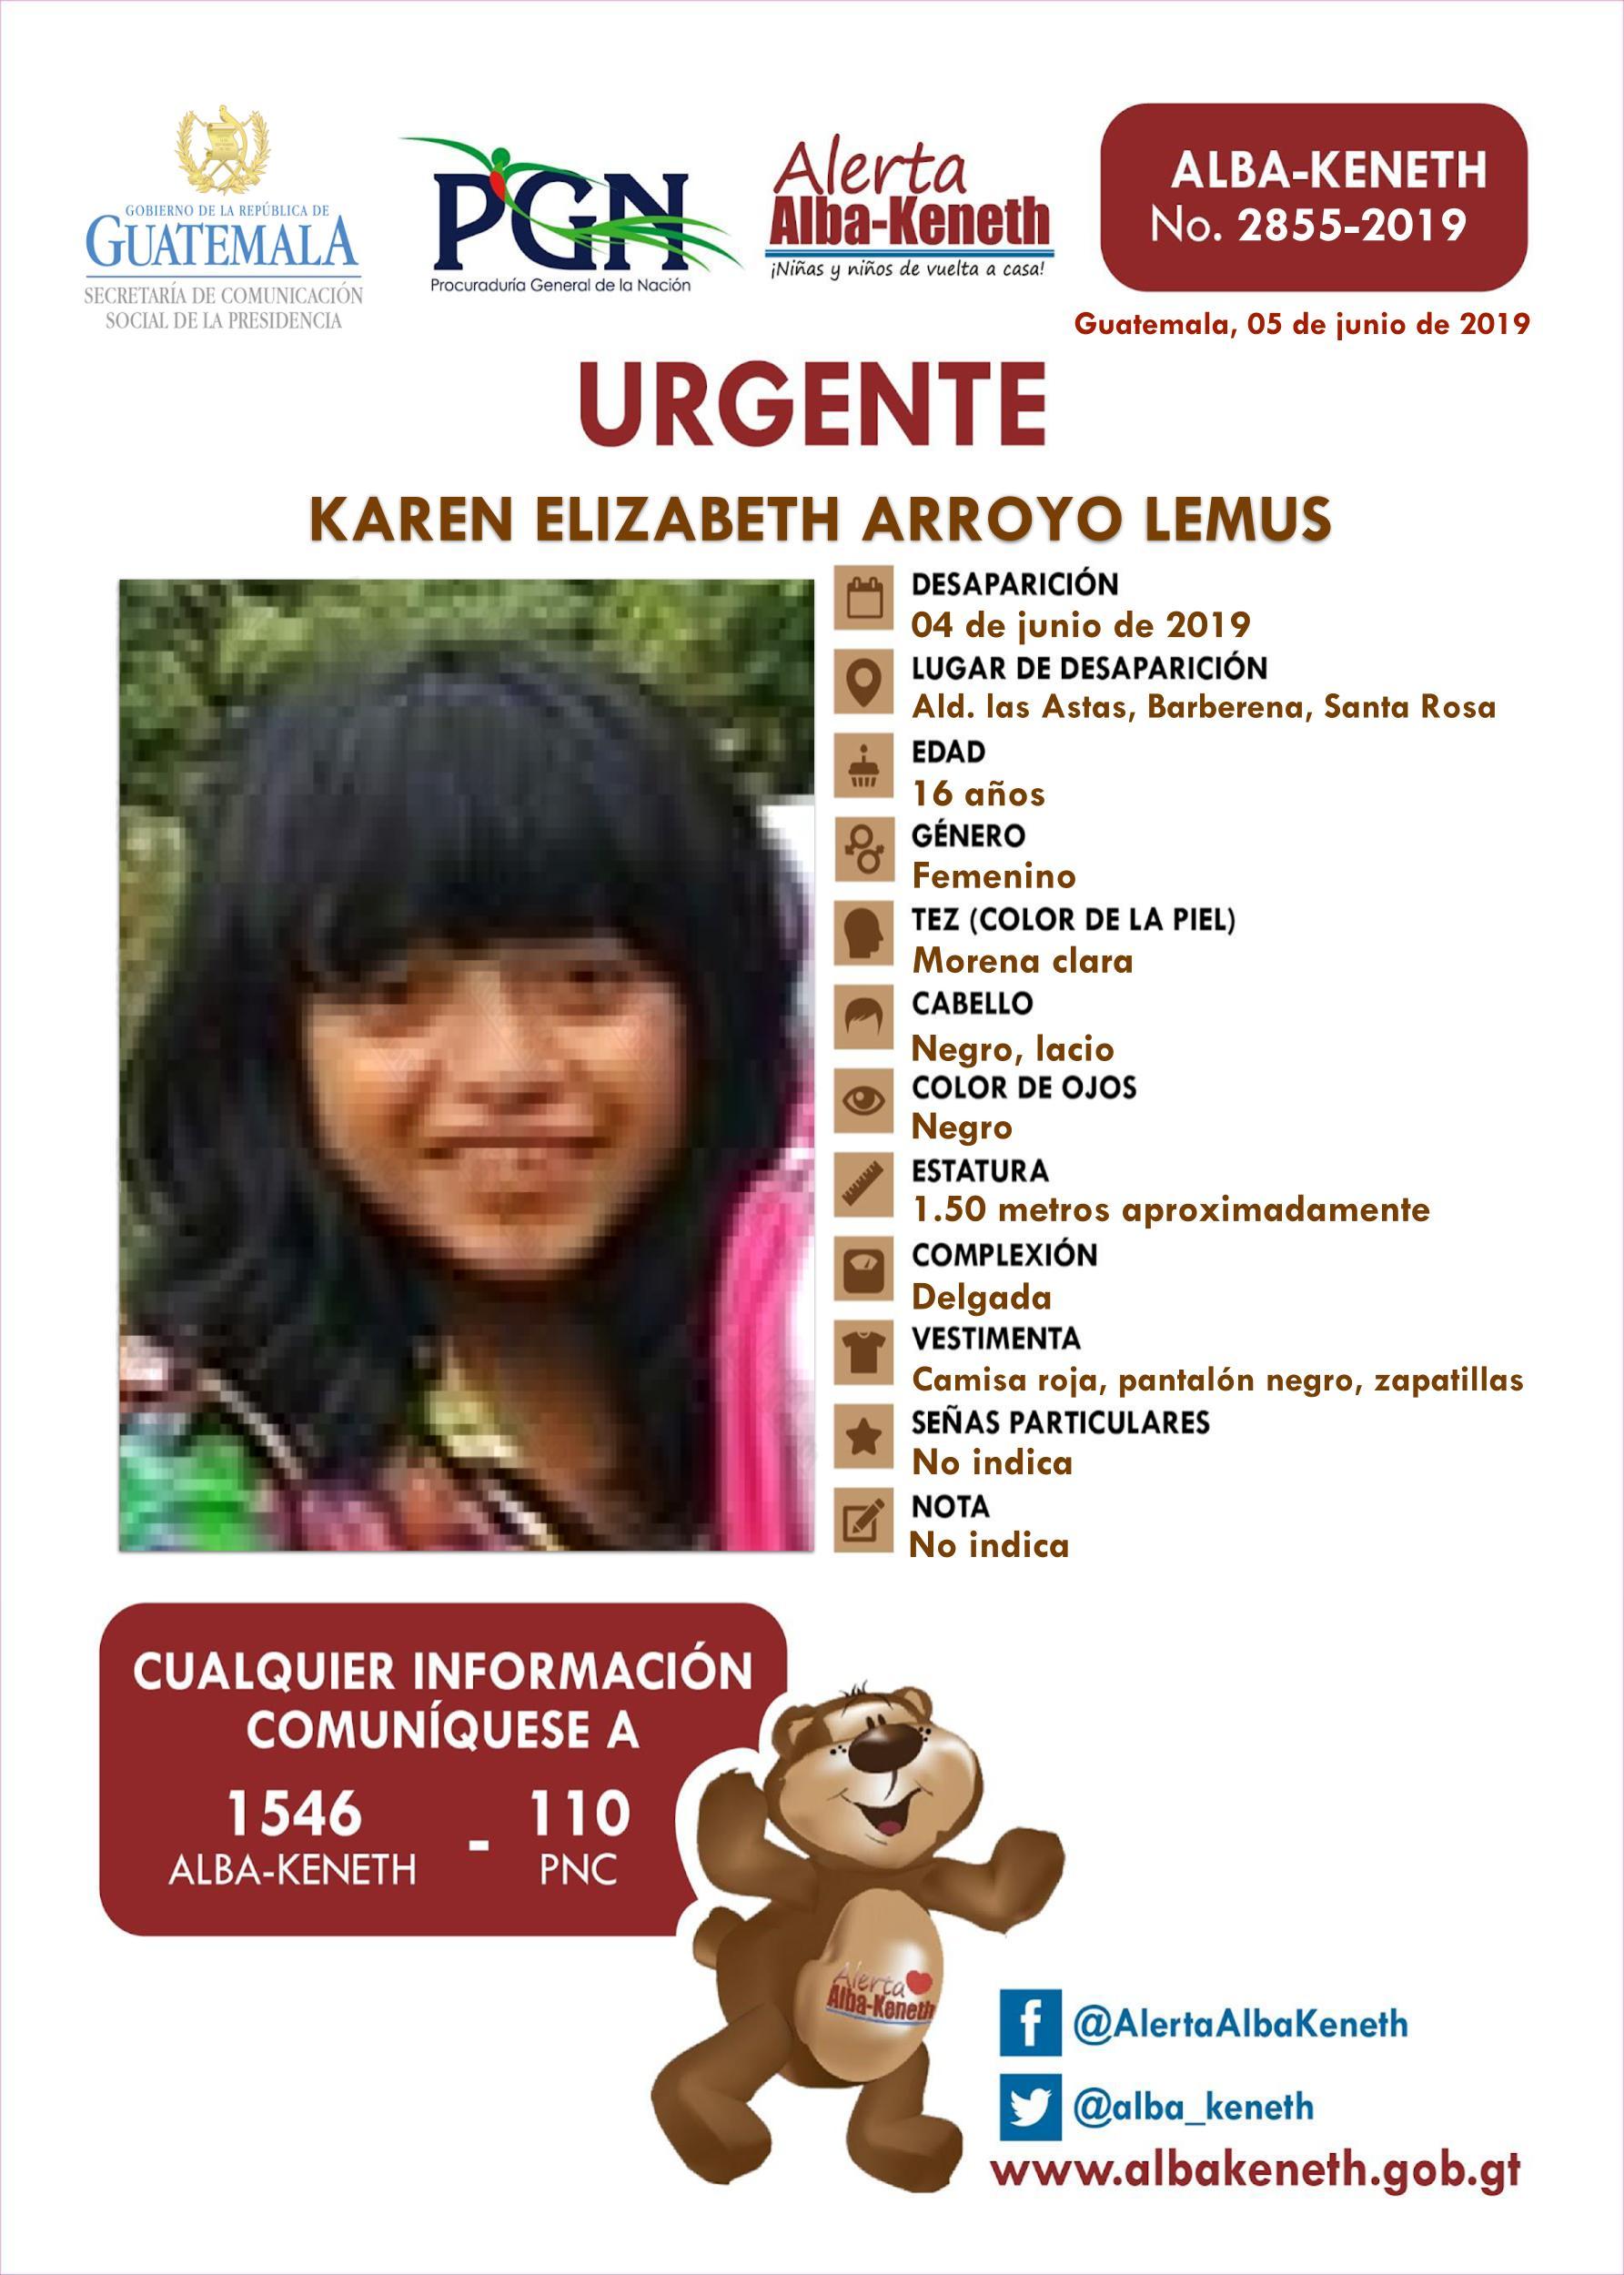 Karen Elizabeth Arroyo Lemus